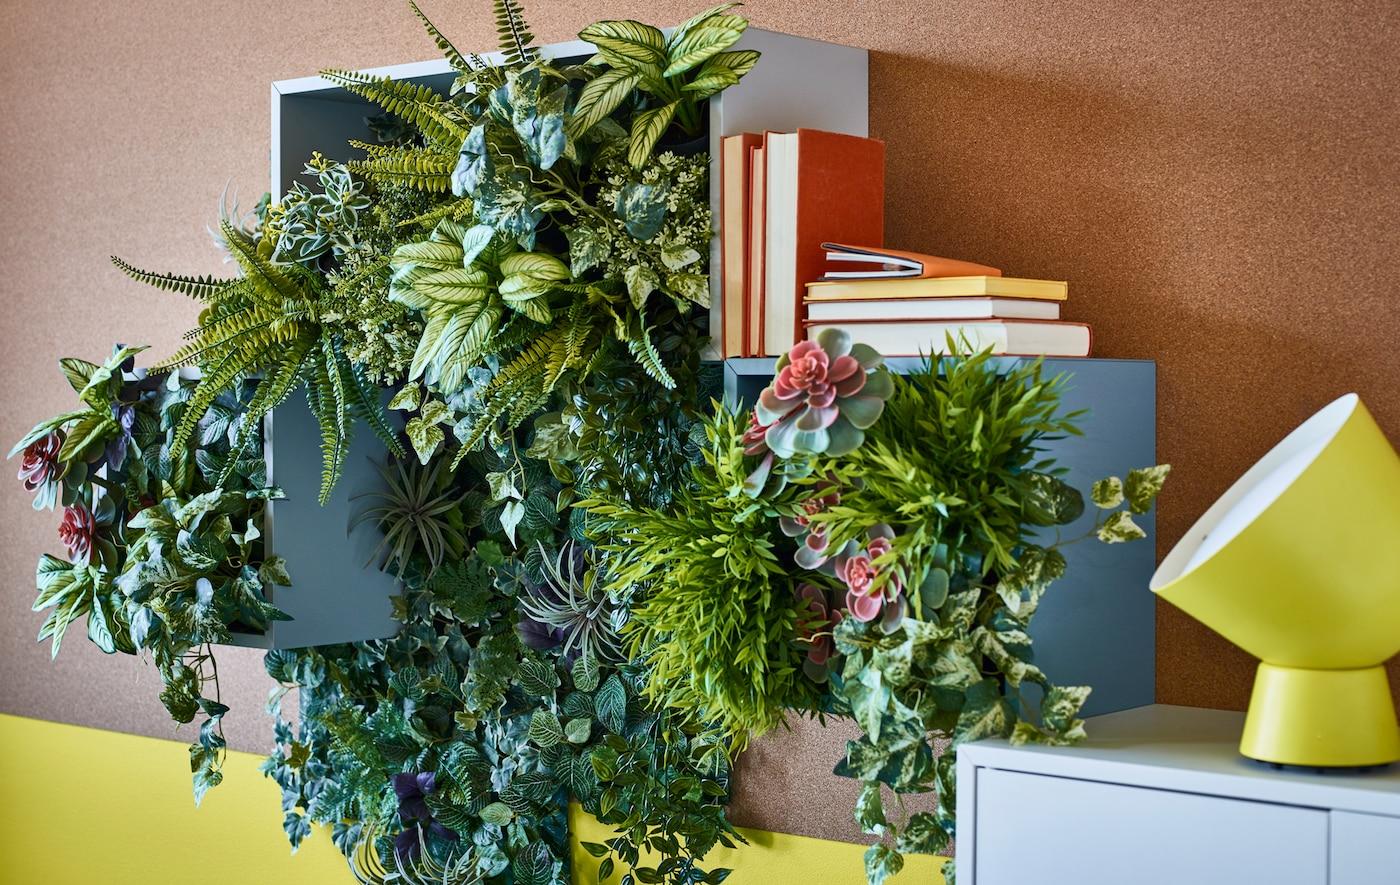 wohnr ume mit pflanzen dekorieren ikea. Black Bedroom Furniture Sets. Home Design Ideas